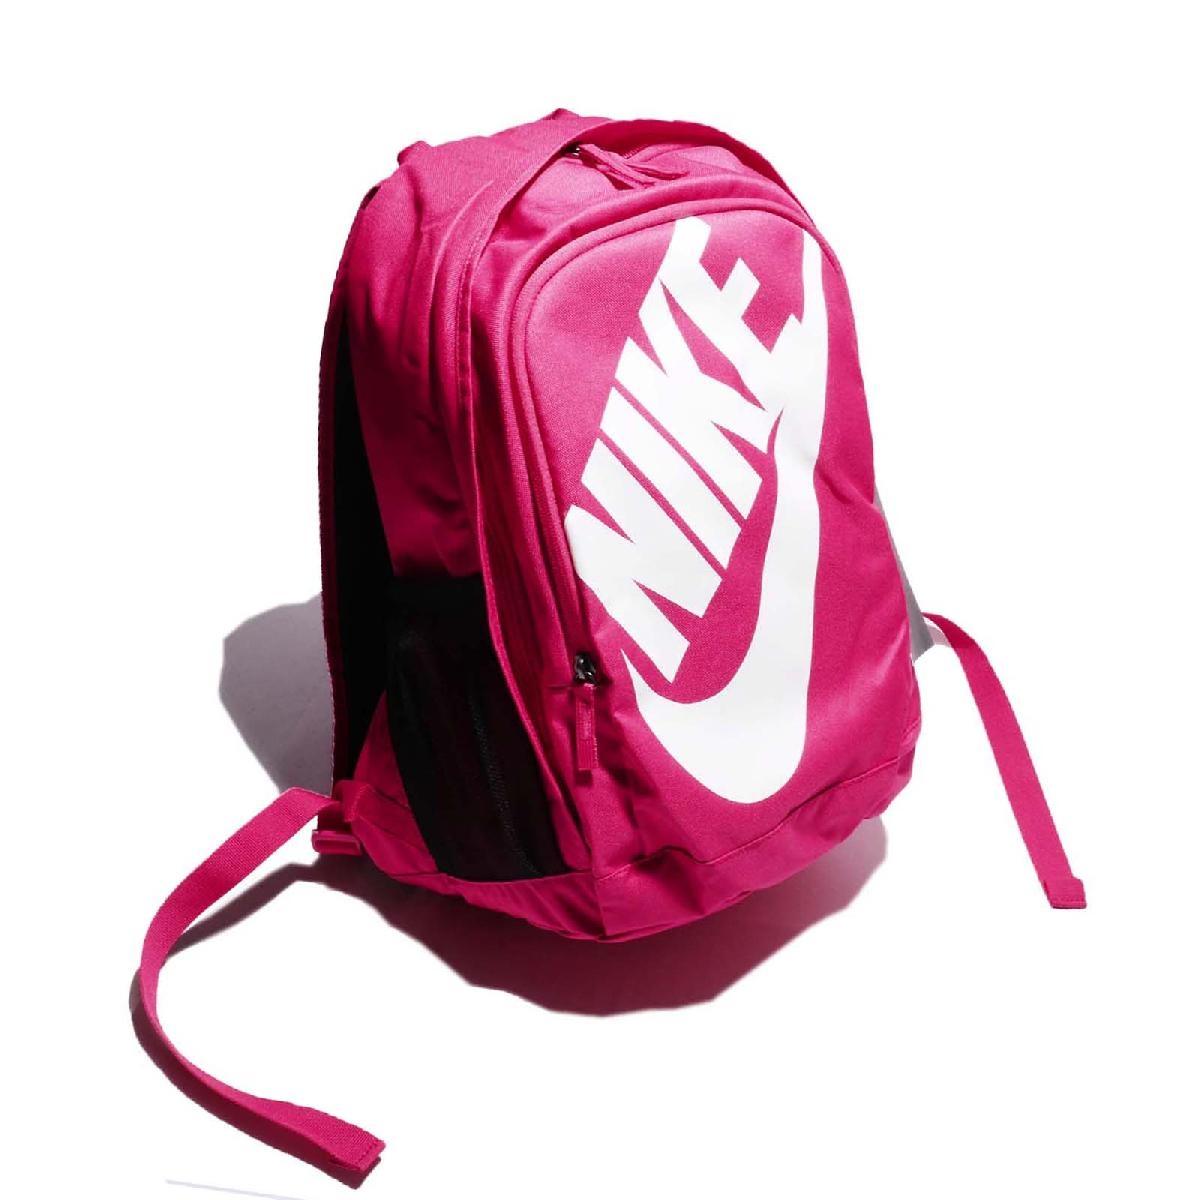 Nike後背包Hayward Futura M 2.0粉紅白基本款男女後背包PUMP306 BA5217-694